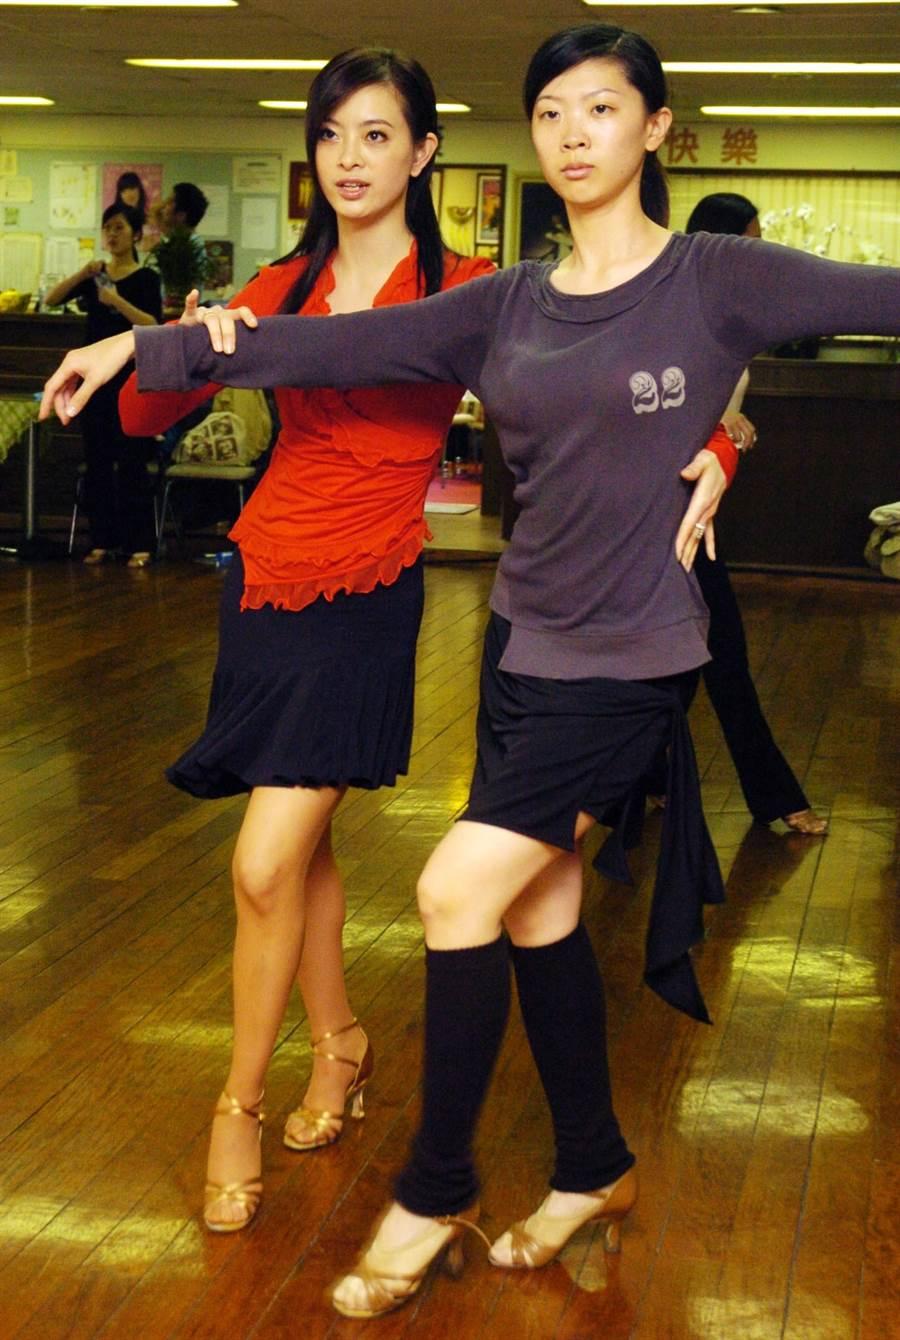 2005年劉真教學生舞蹈開放媒體採訪。(圖/中時資料照片)